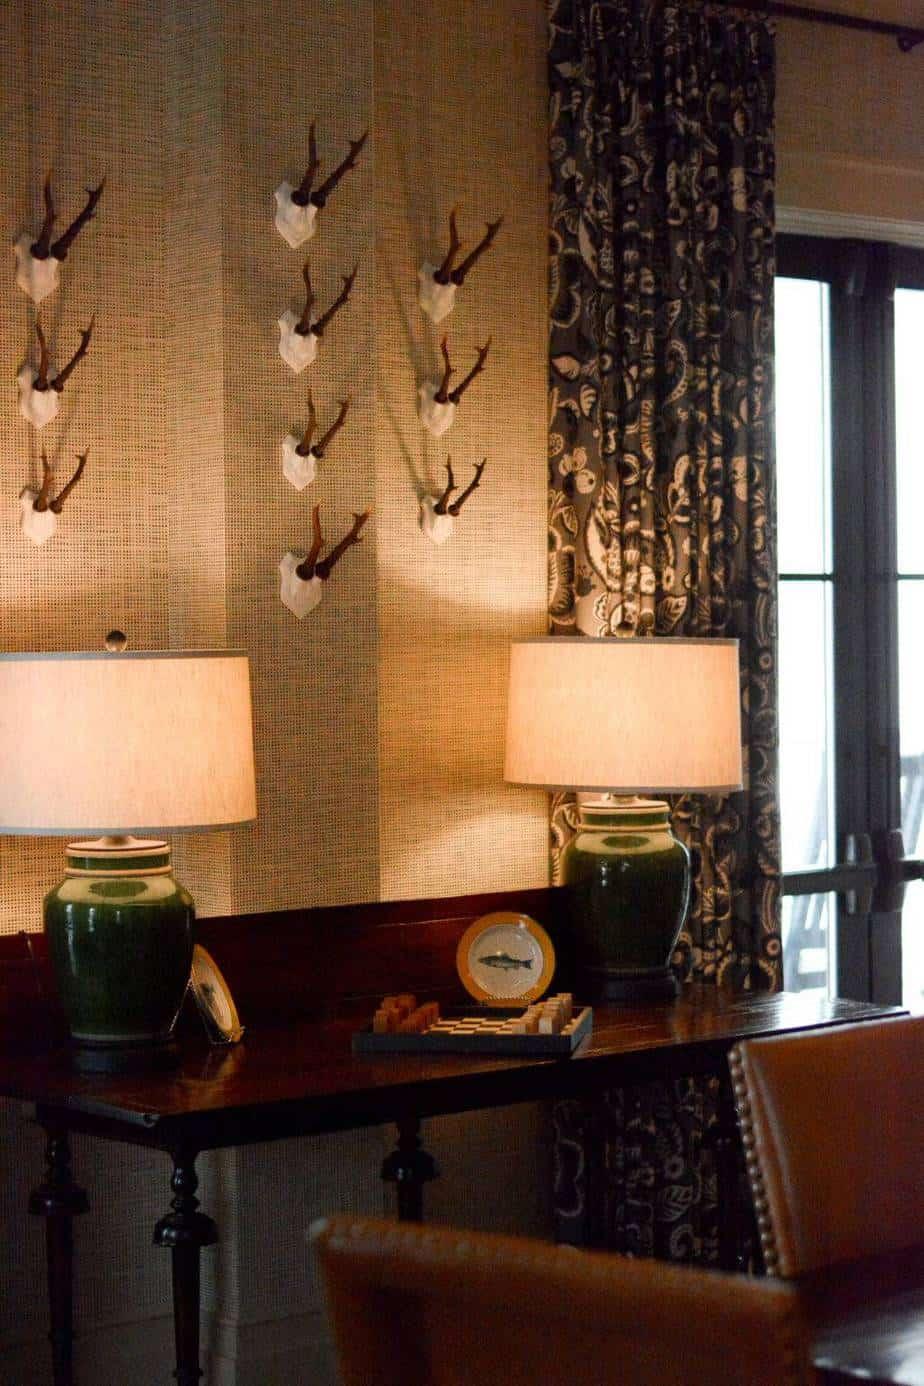 manchester vt hotels